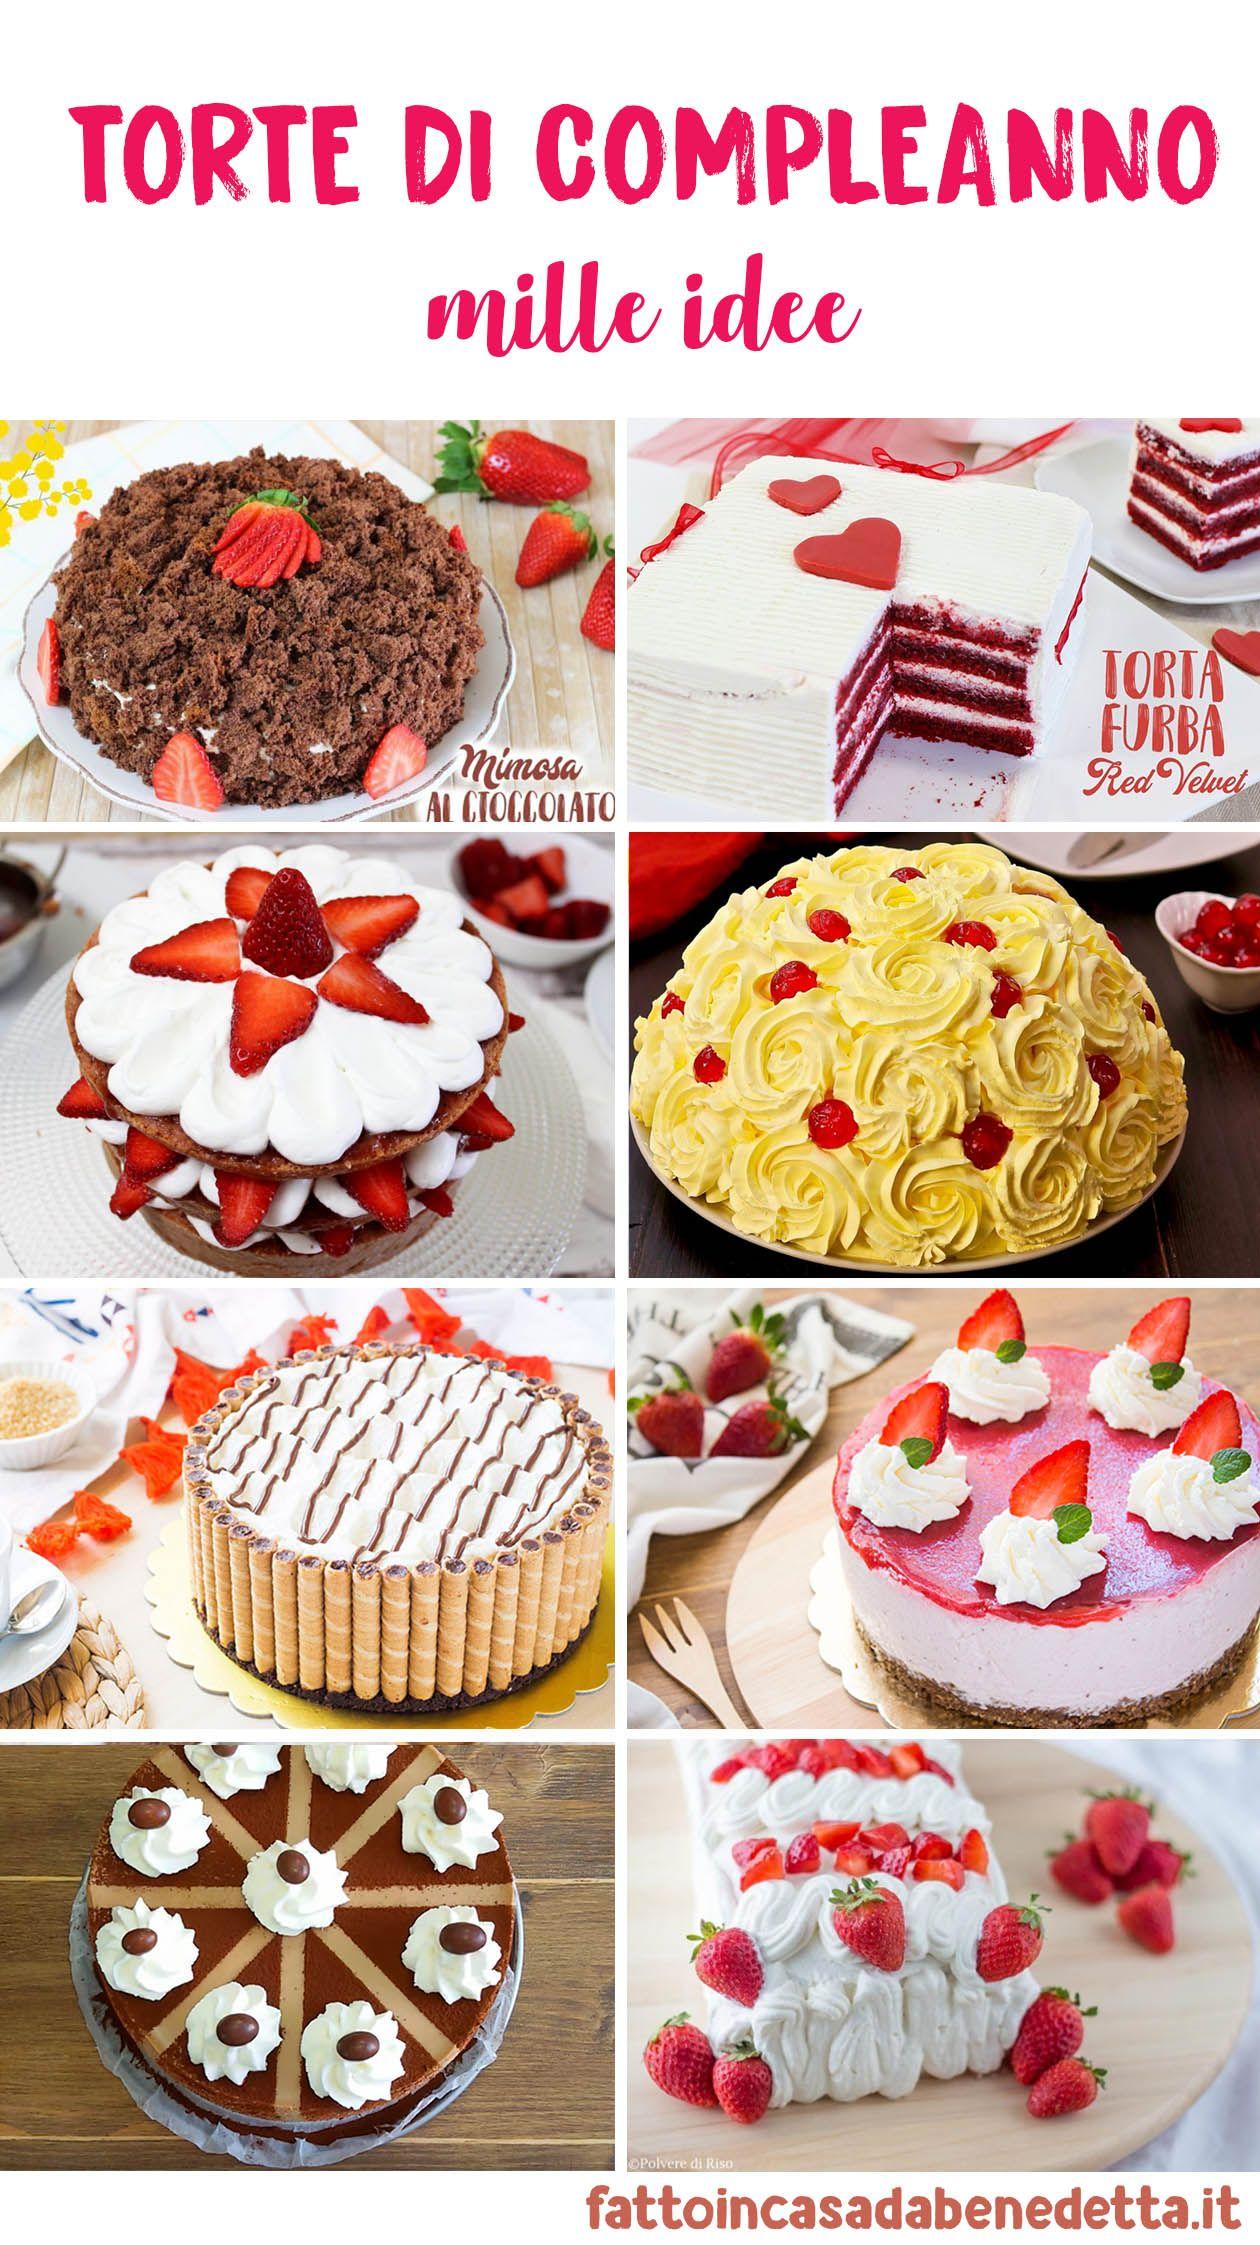 18615ec4b26306e9631108154f4f6d14 - Ricette Torte Di Compleanno